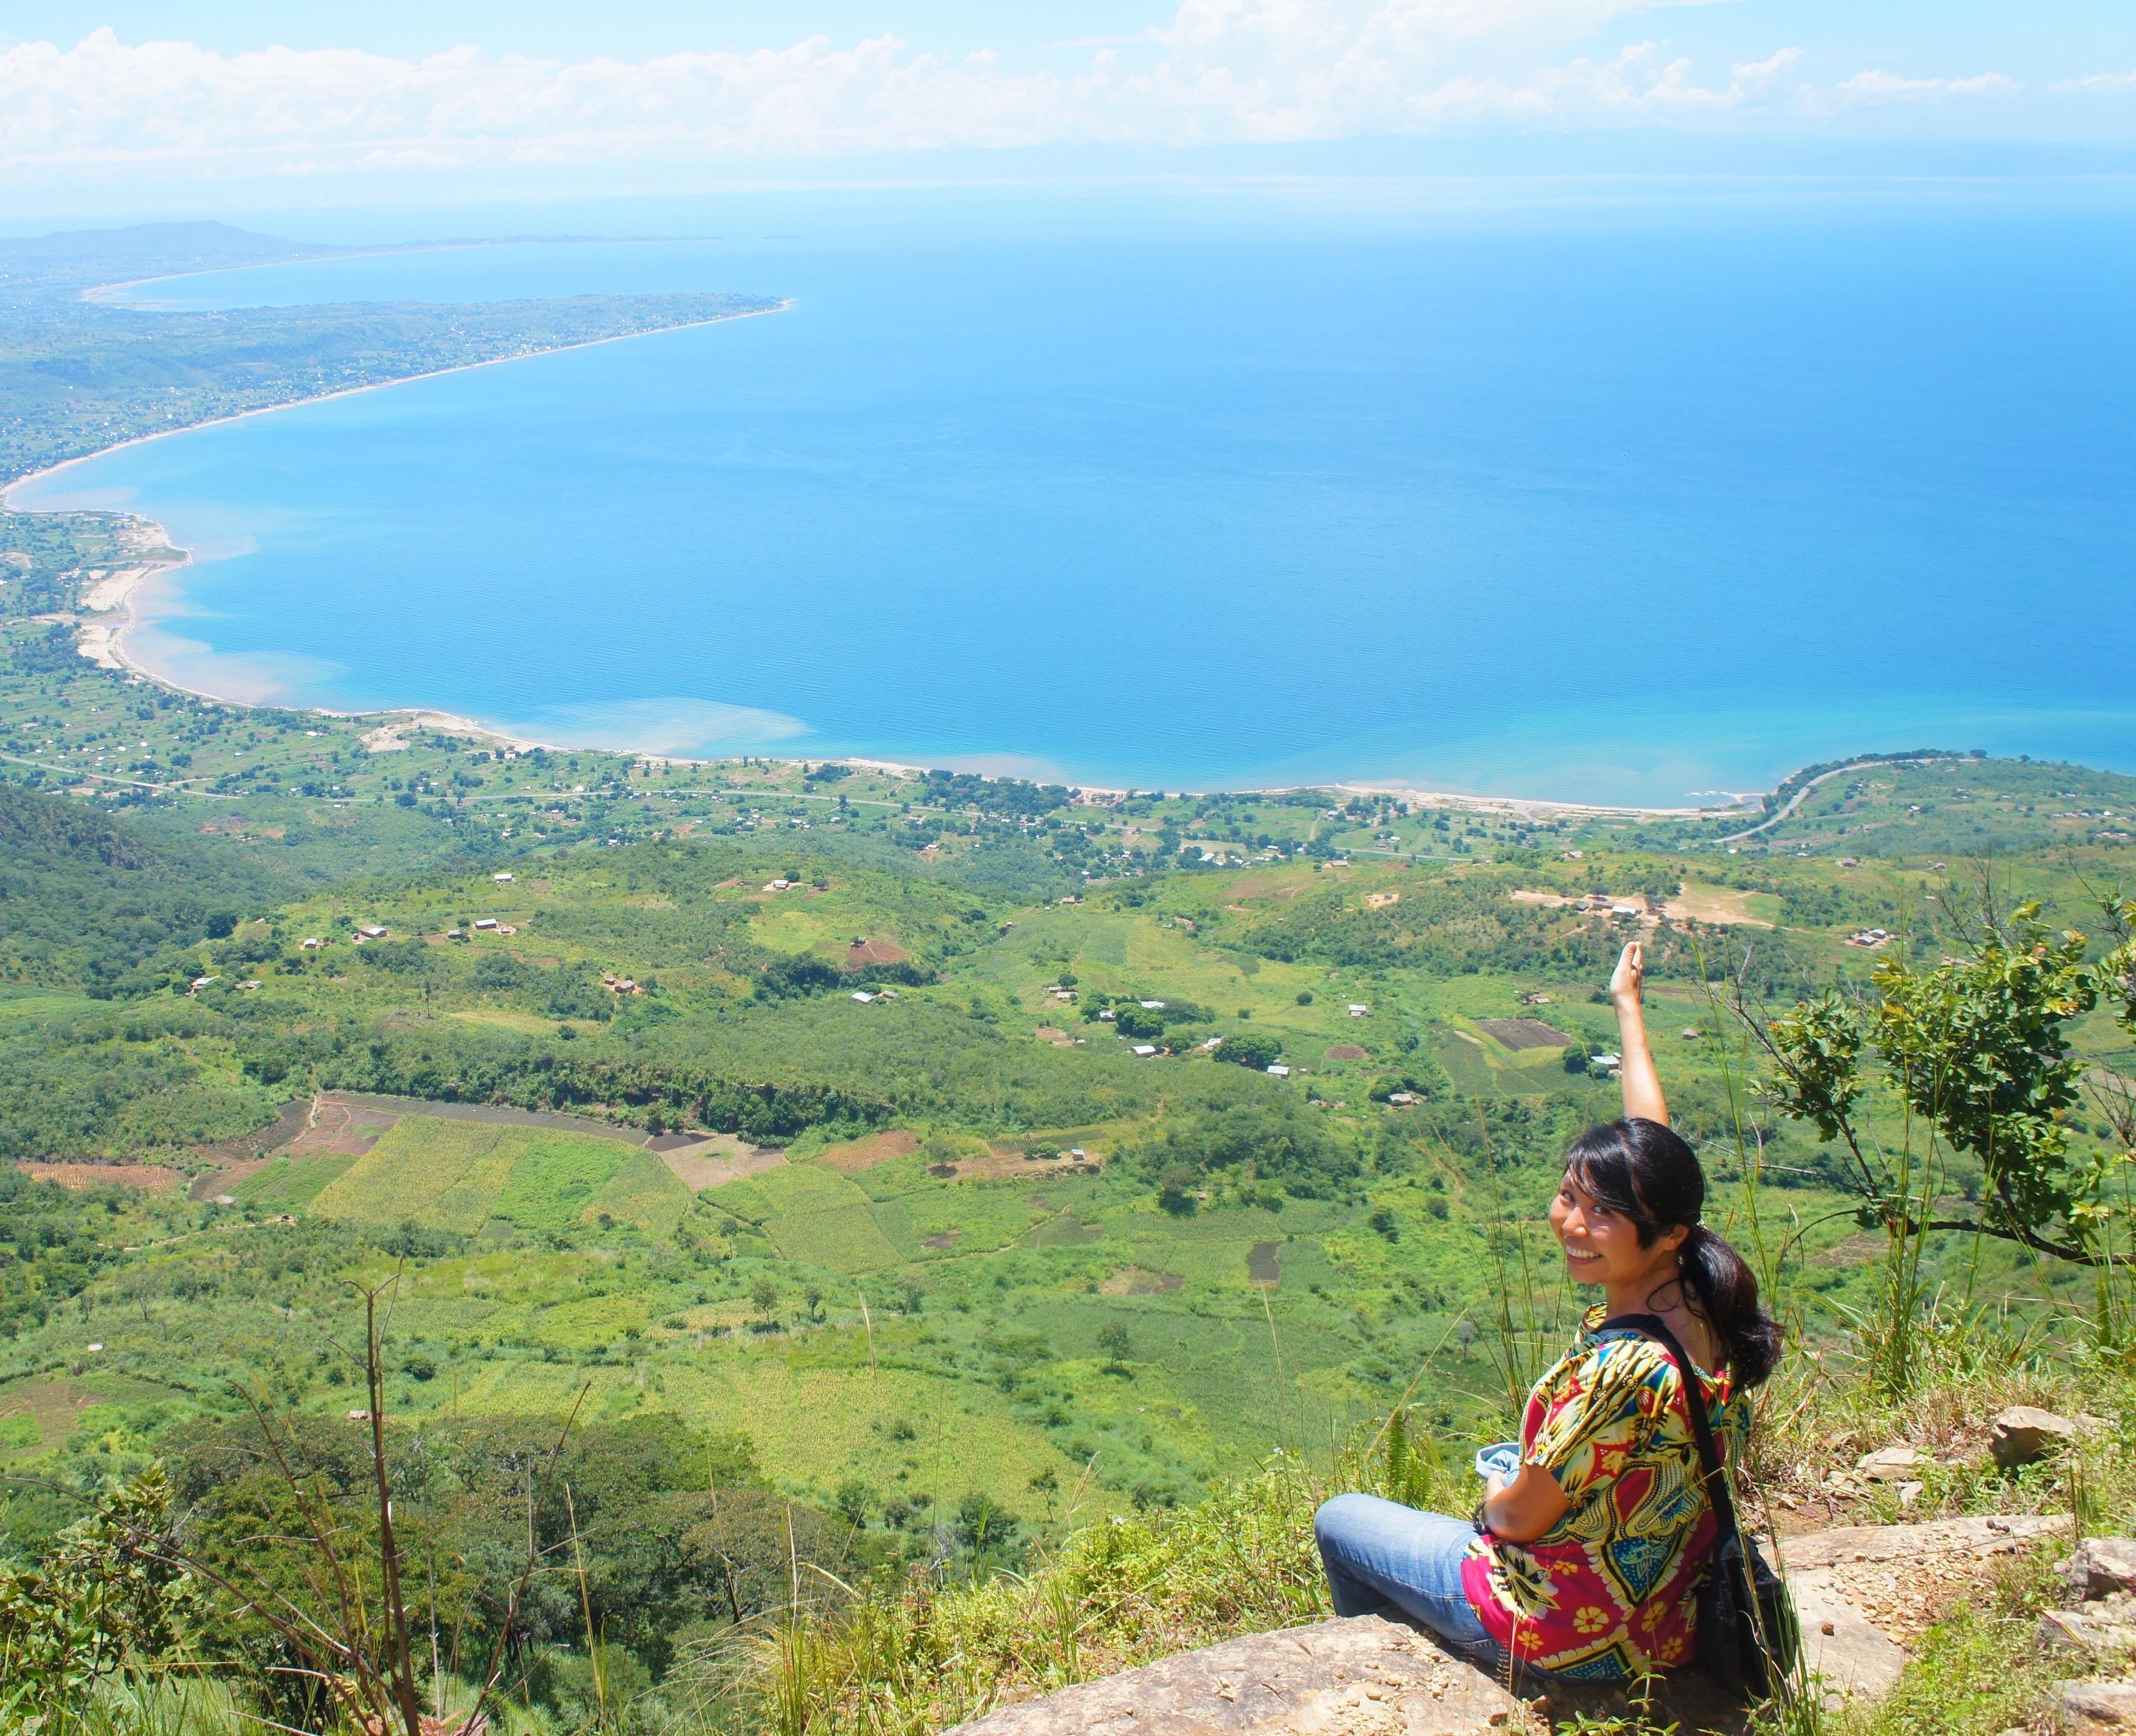 きっとあなたも行きたくなる!世界遺産マラウイ湖の絶景&グルメ満喫旅